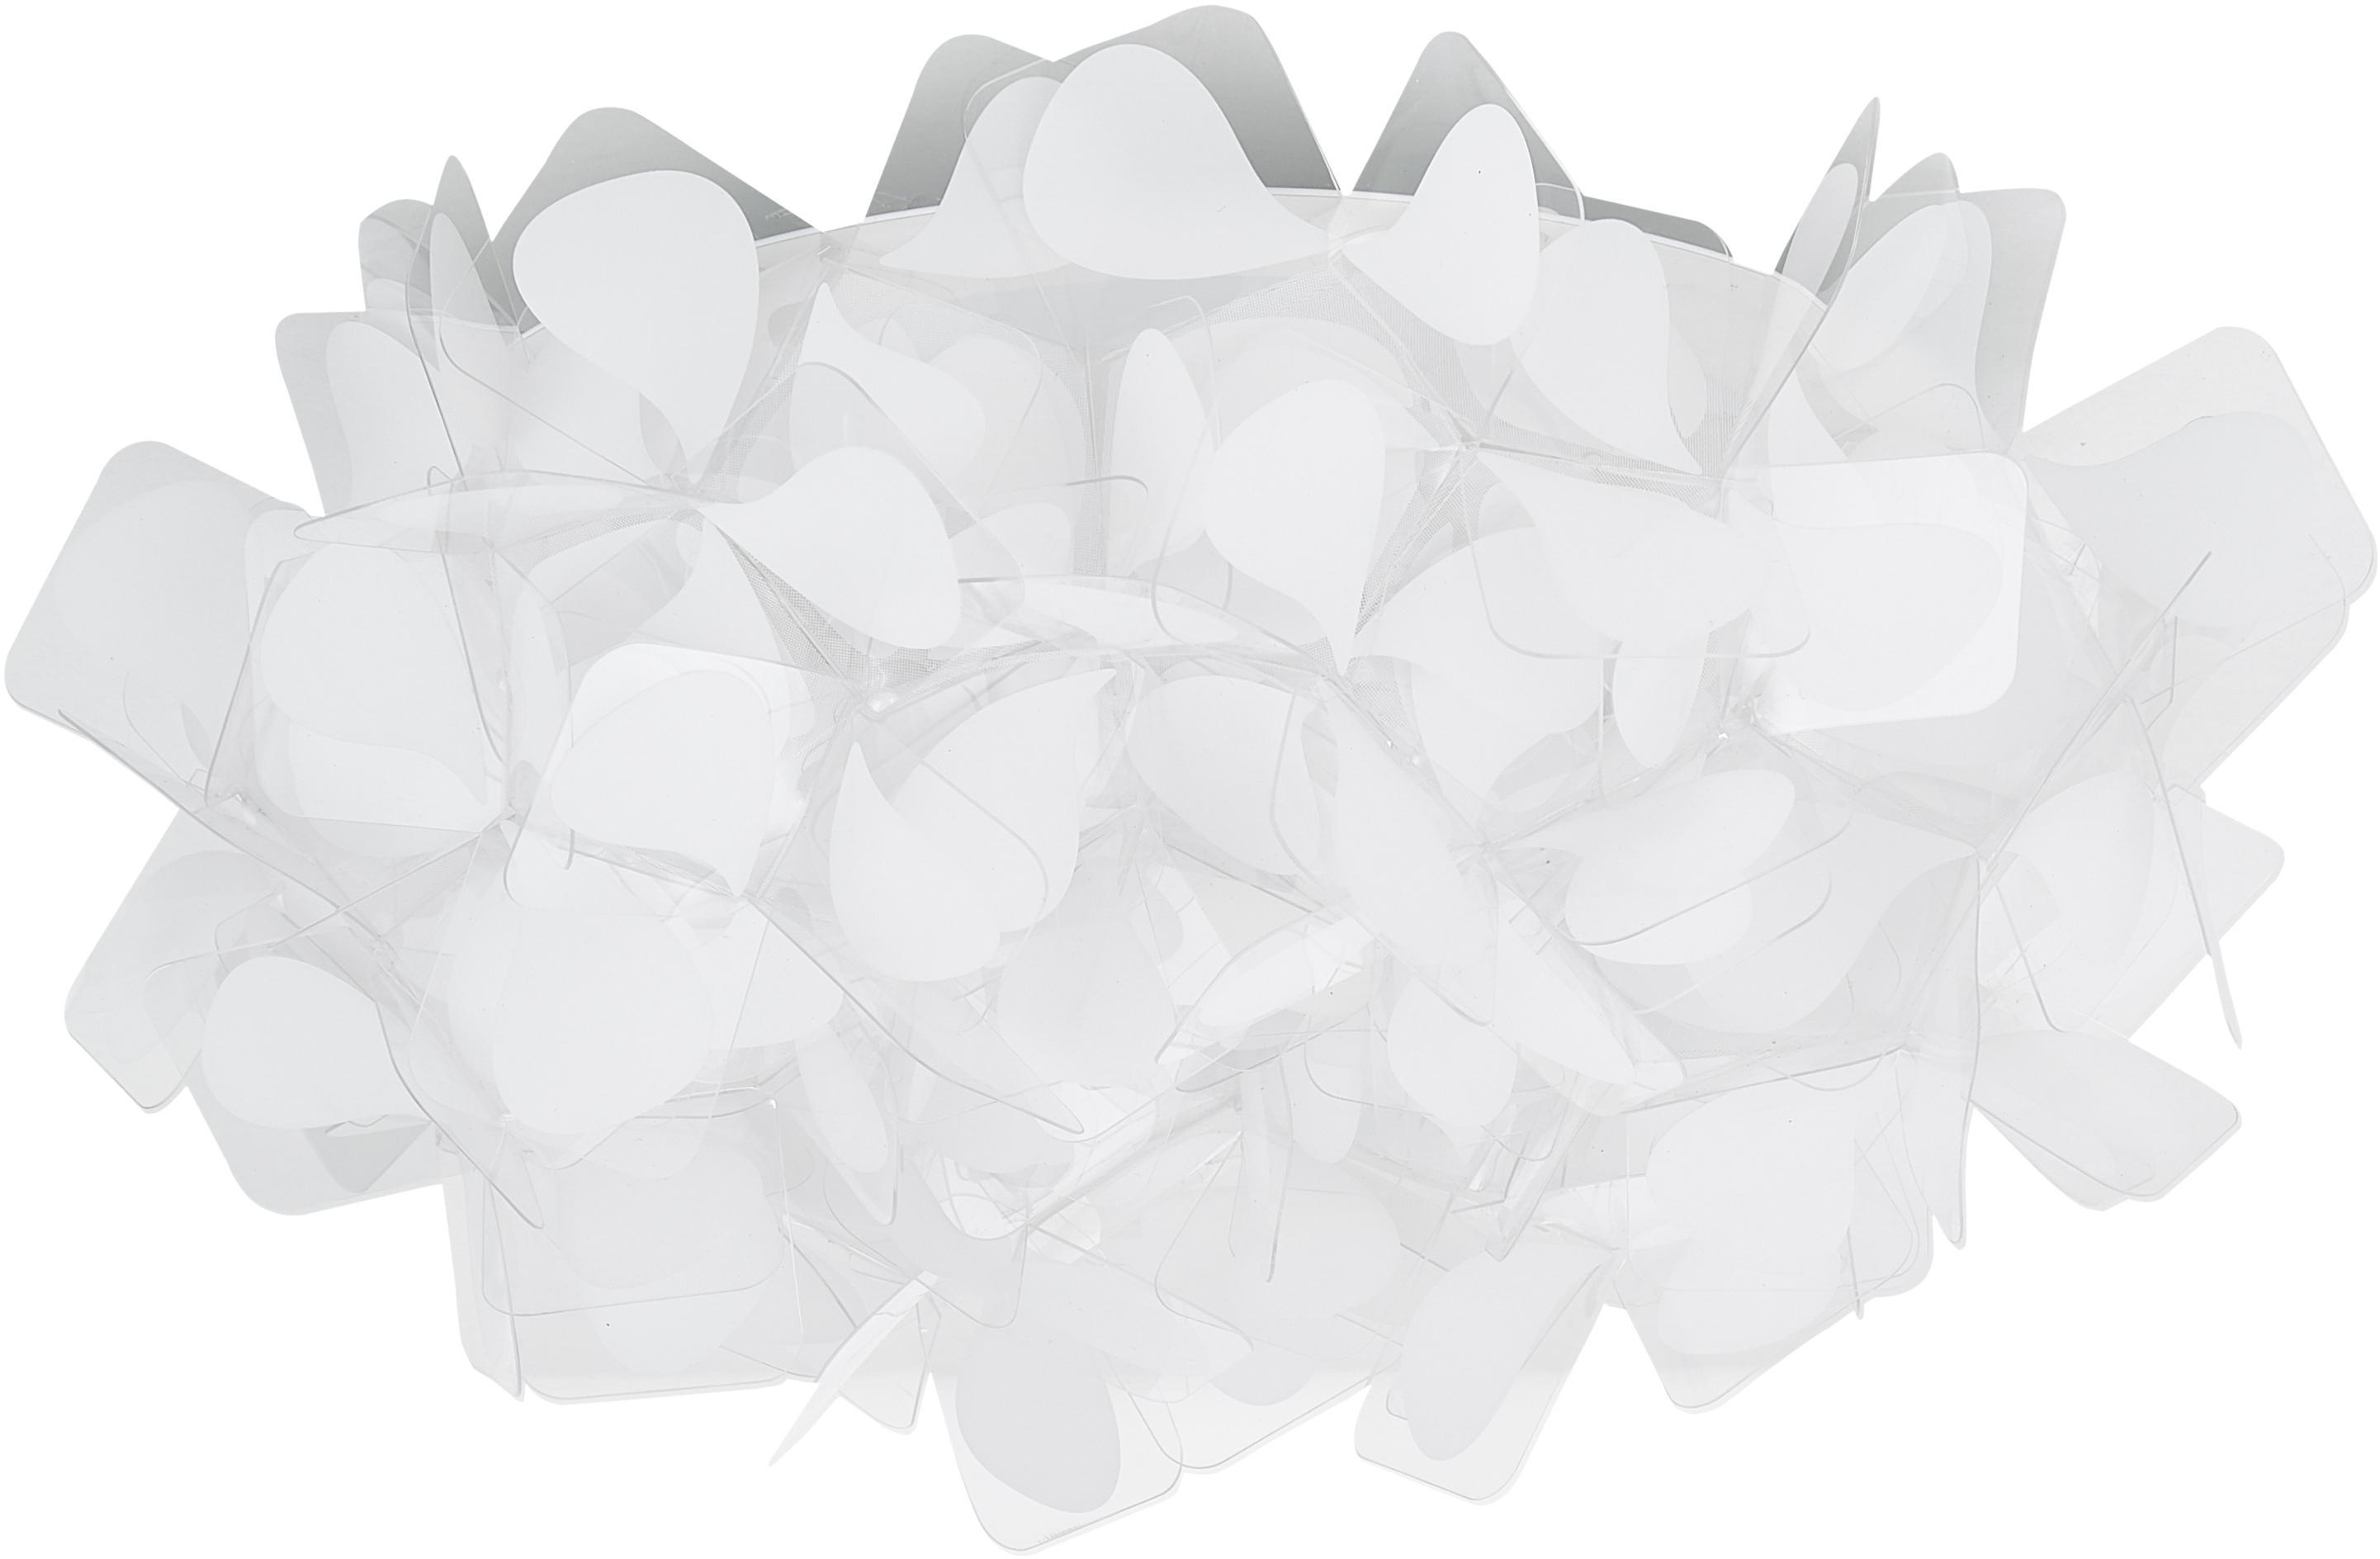 Ręcznie wykonany kinkiet/lampa sufitowa Clizia Mama Non Mama, Technopolimer Opalflex®, nadający się do recyklingu, nietłuczący się, elastyczny, powłoka antystatyczna, odporny na promieniowanie UV, Biały, szary, Ø 32 x G 15 cm